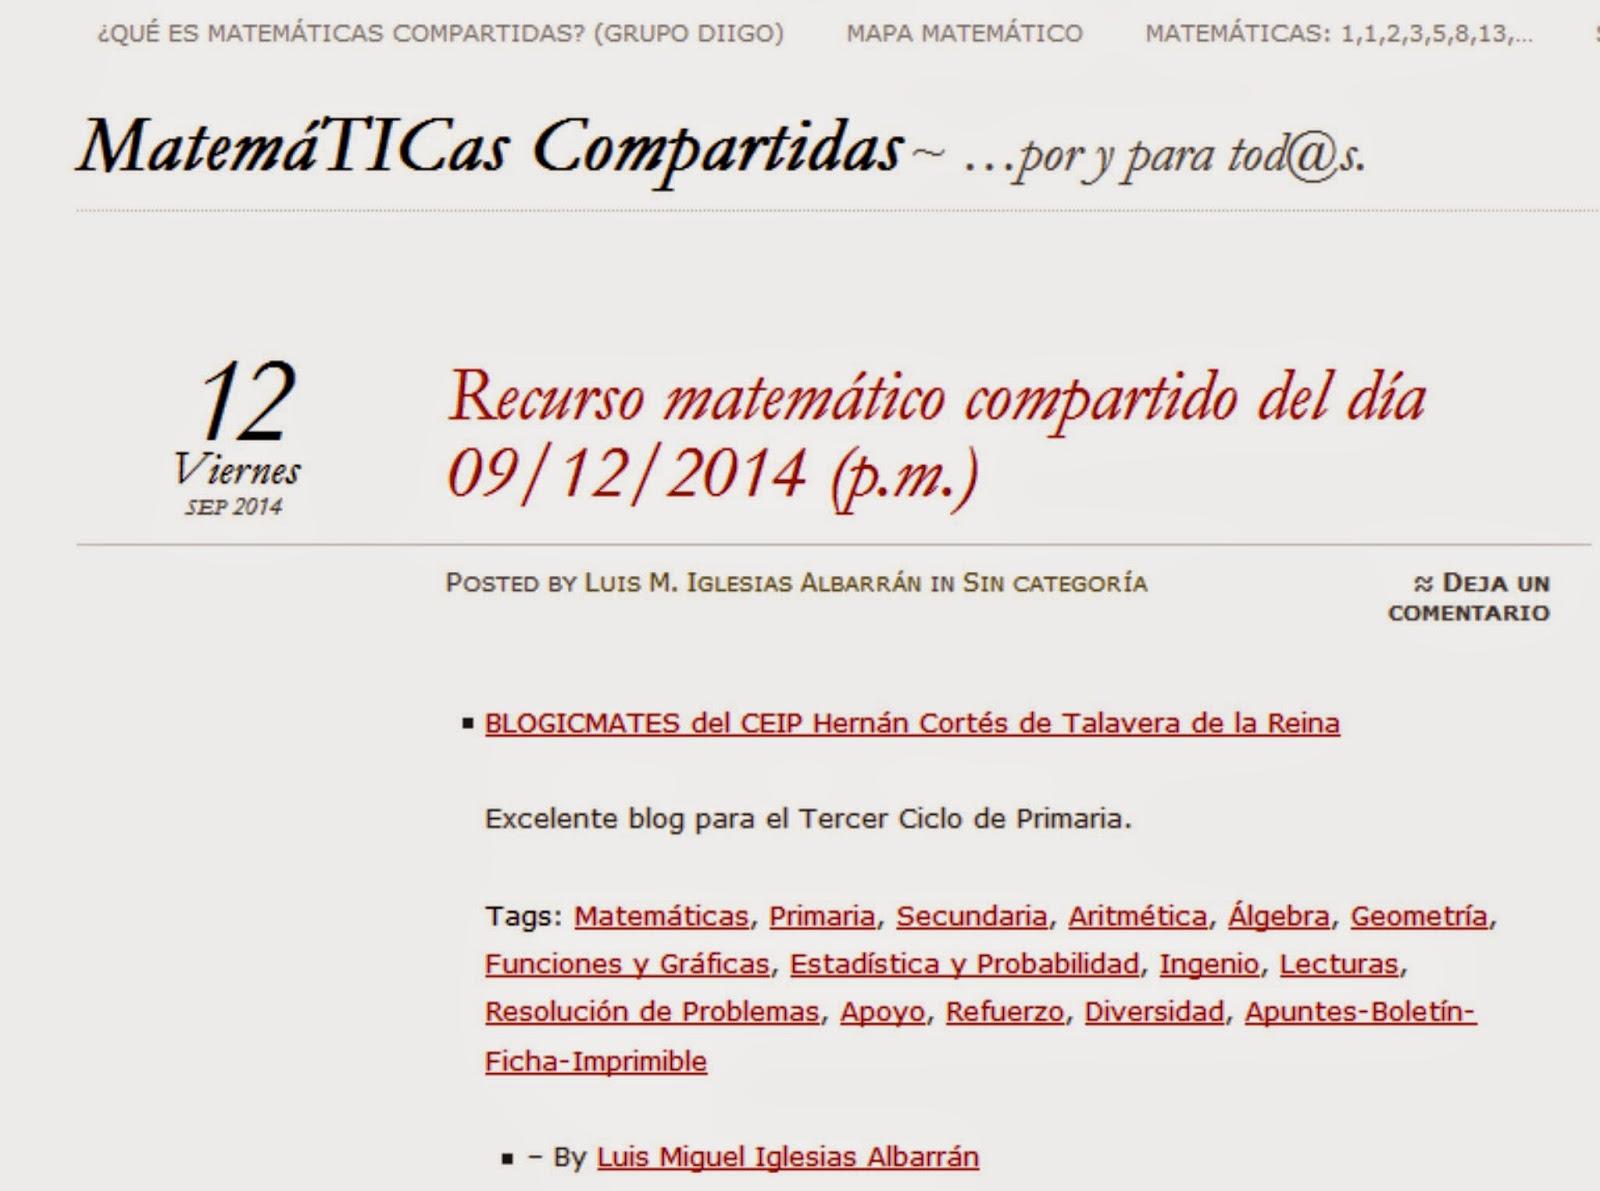 http://matematicascompartidas.wordpress.com/2014/09/12/recurso-matematico-compartido-del-dia-09122014-p-m/#comment-731